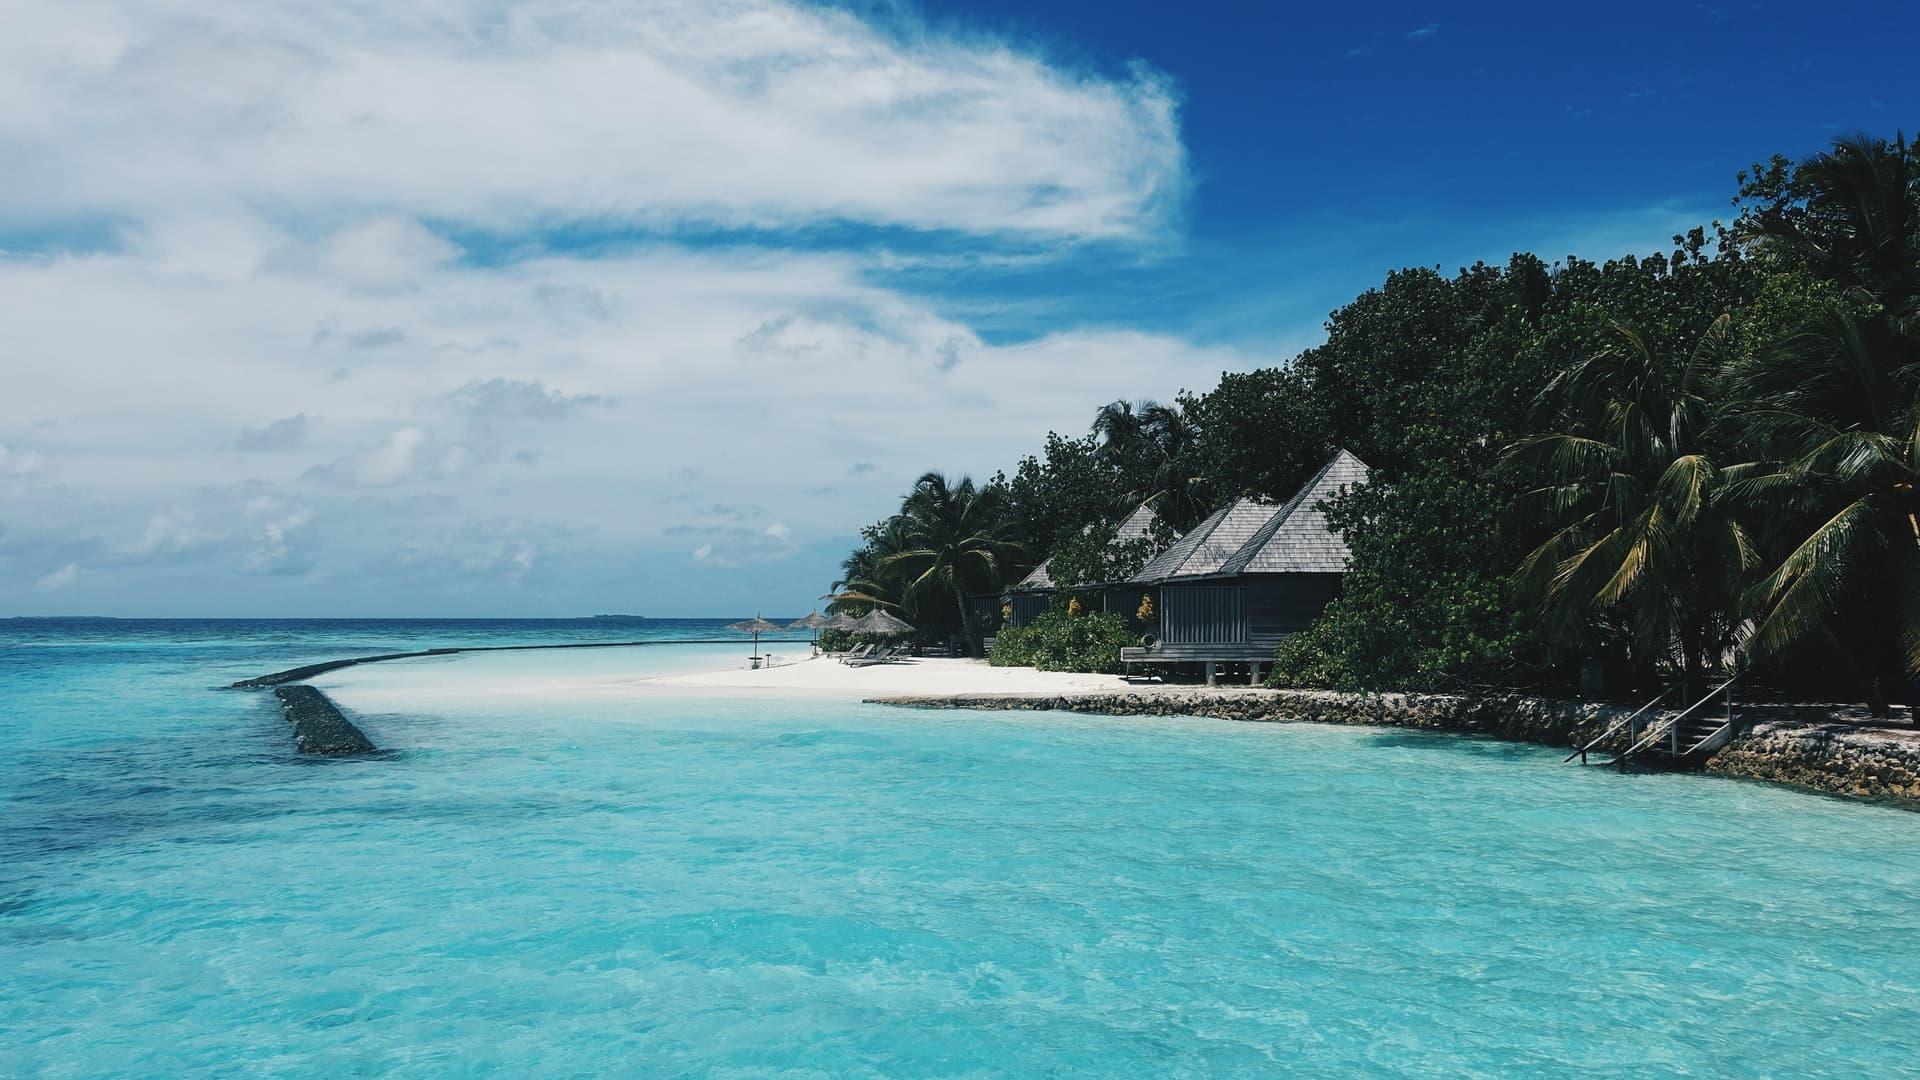 Незабравима почивка и екскурзия в Малдиви